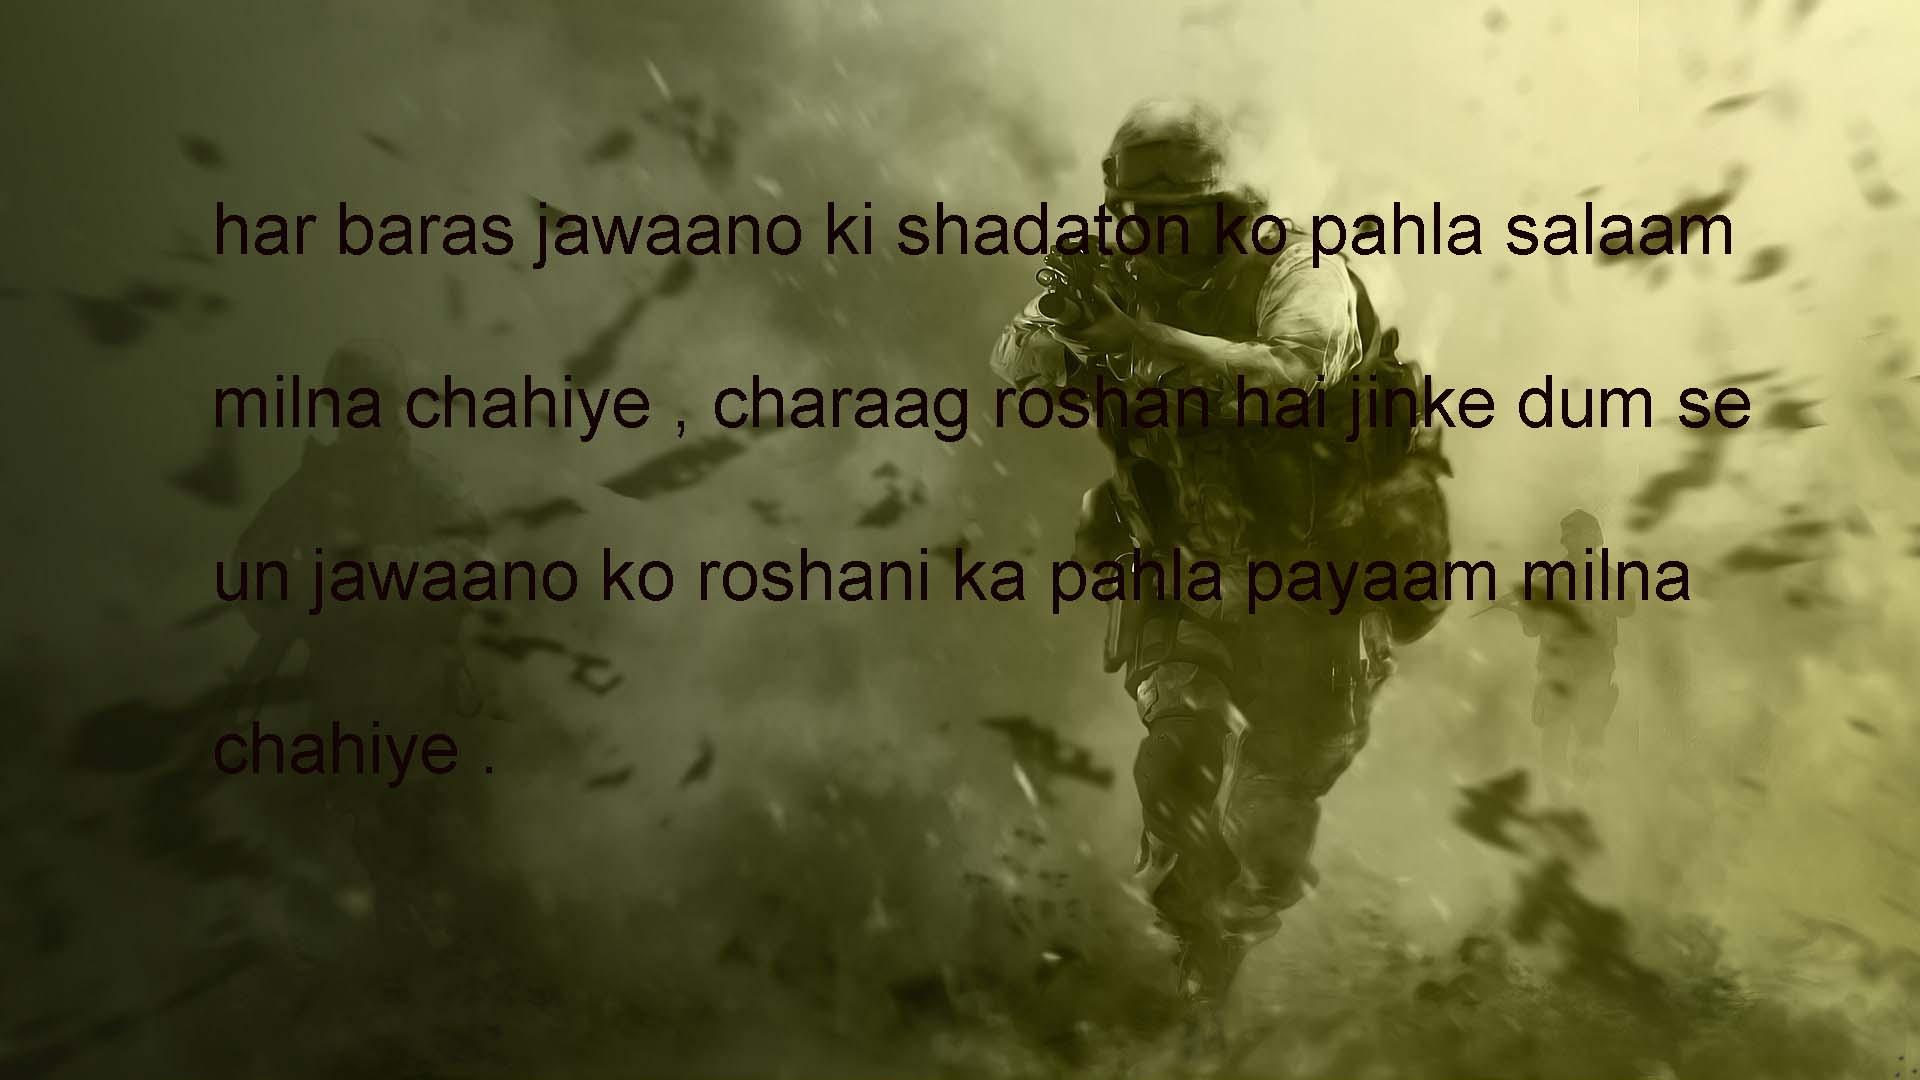 #patriotic shayari shayari desh bhakti,